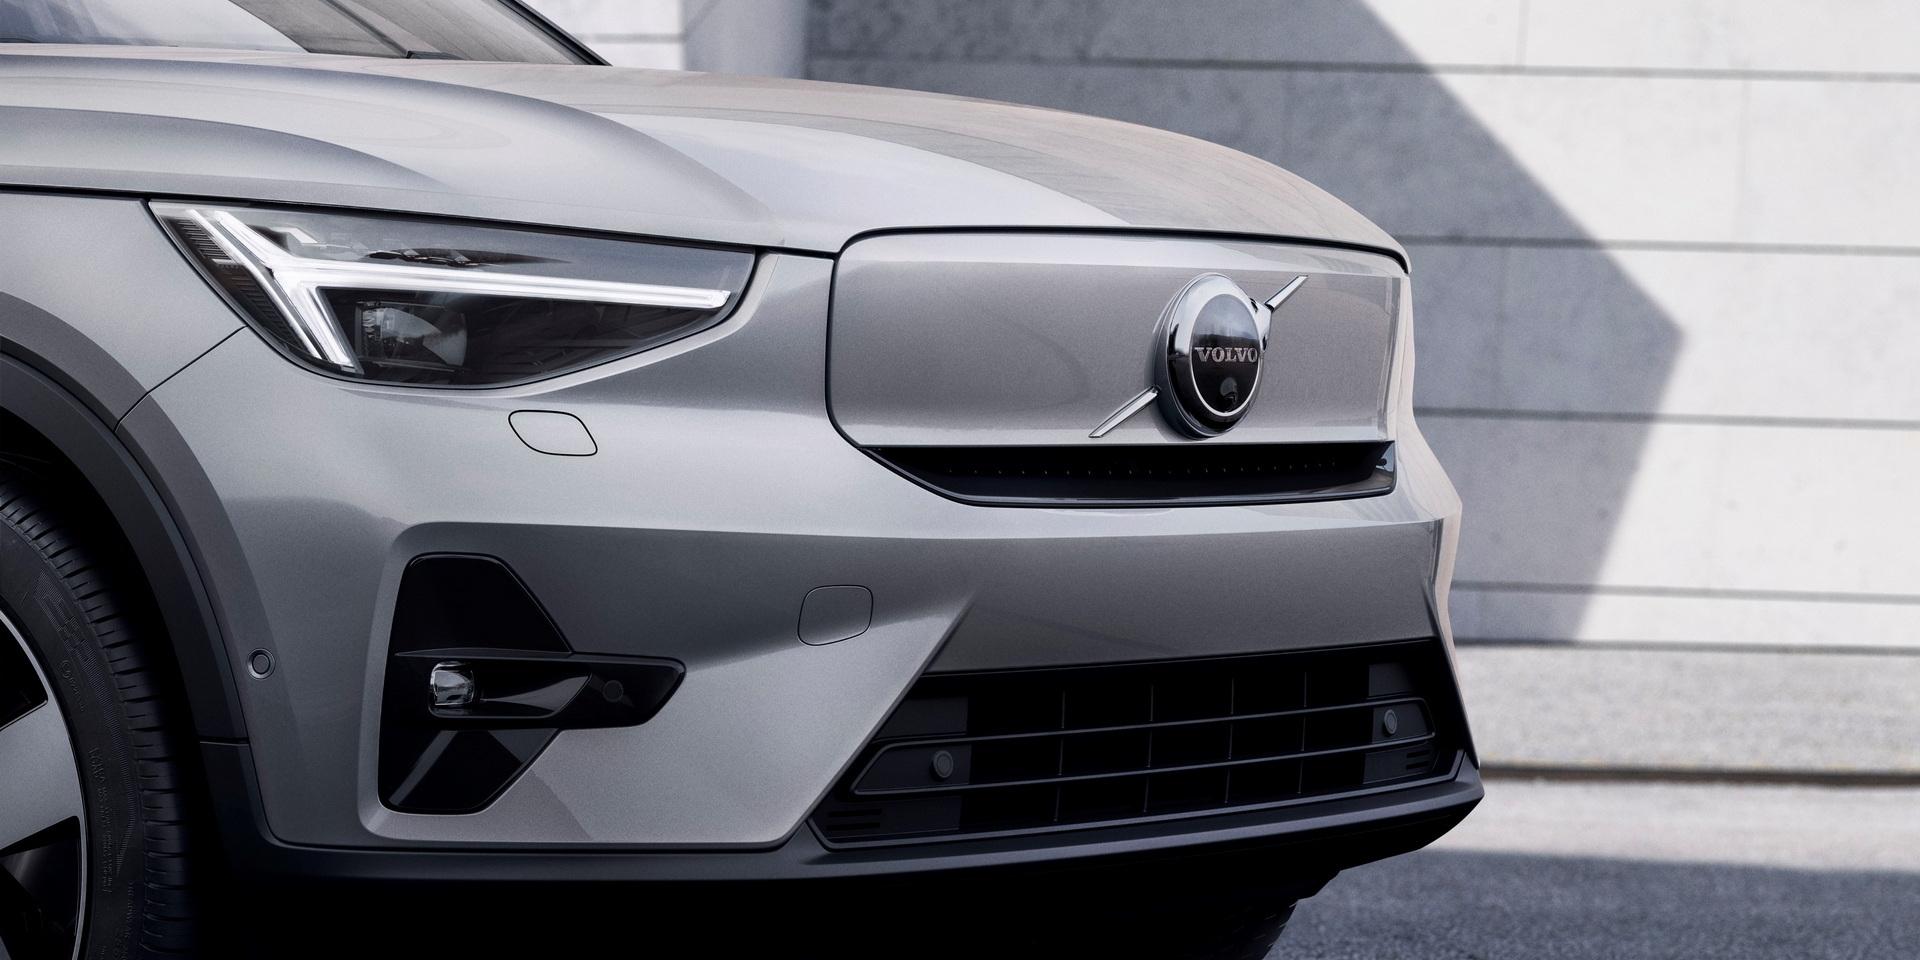 瑞典國寶Volvo即將公開上市!估值將高達300億美金!